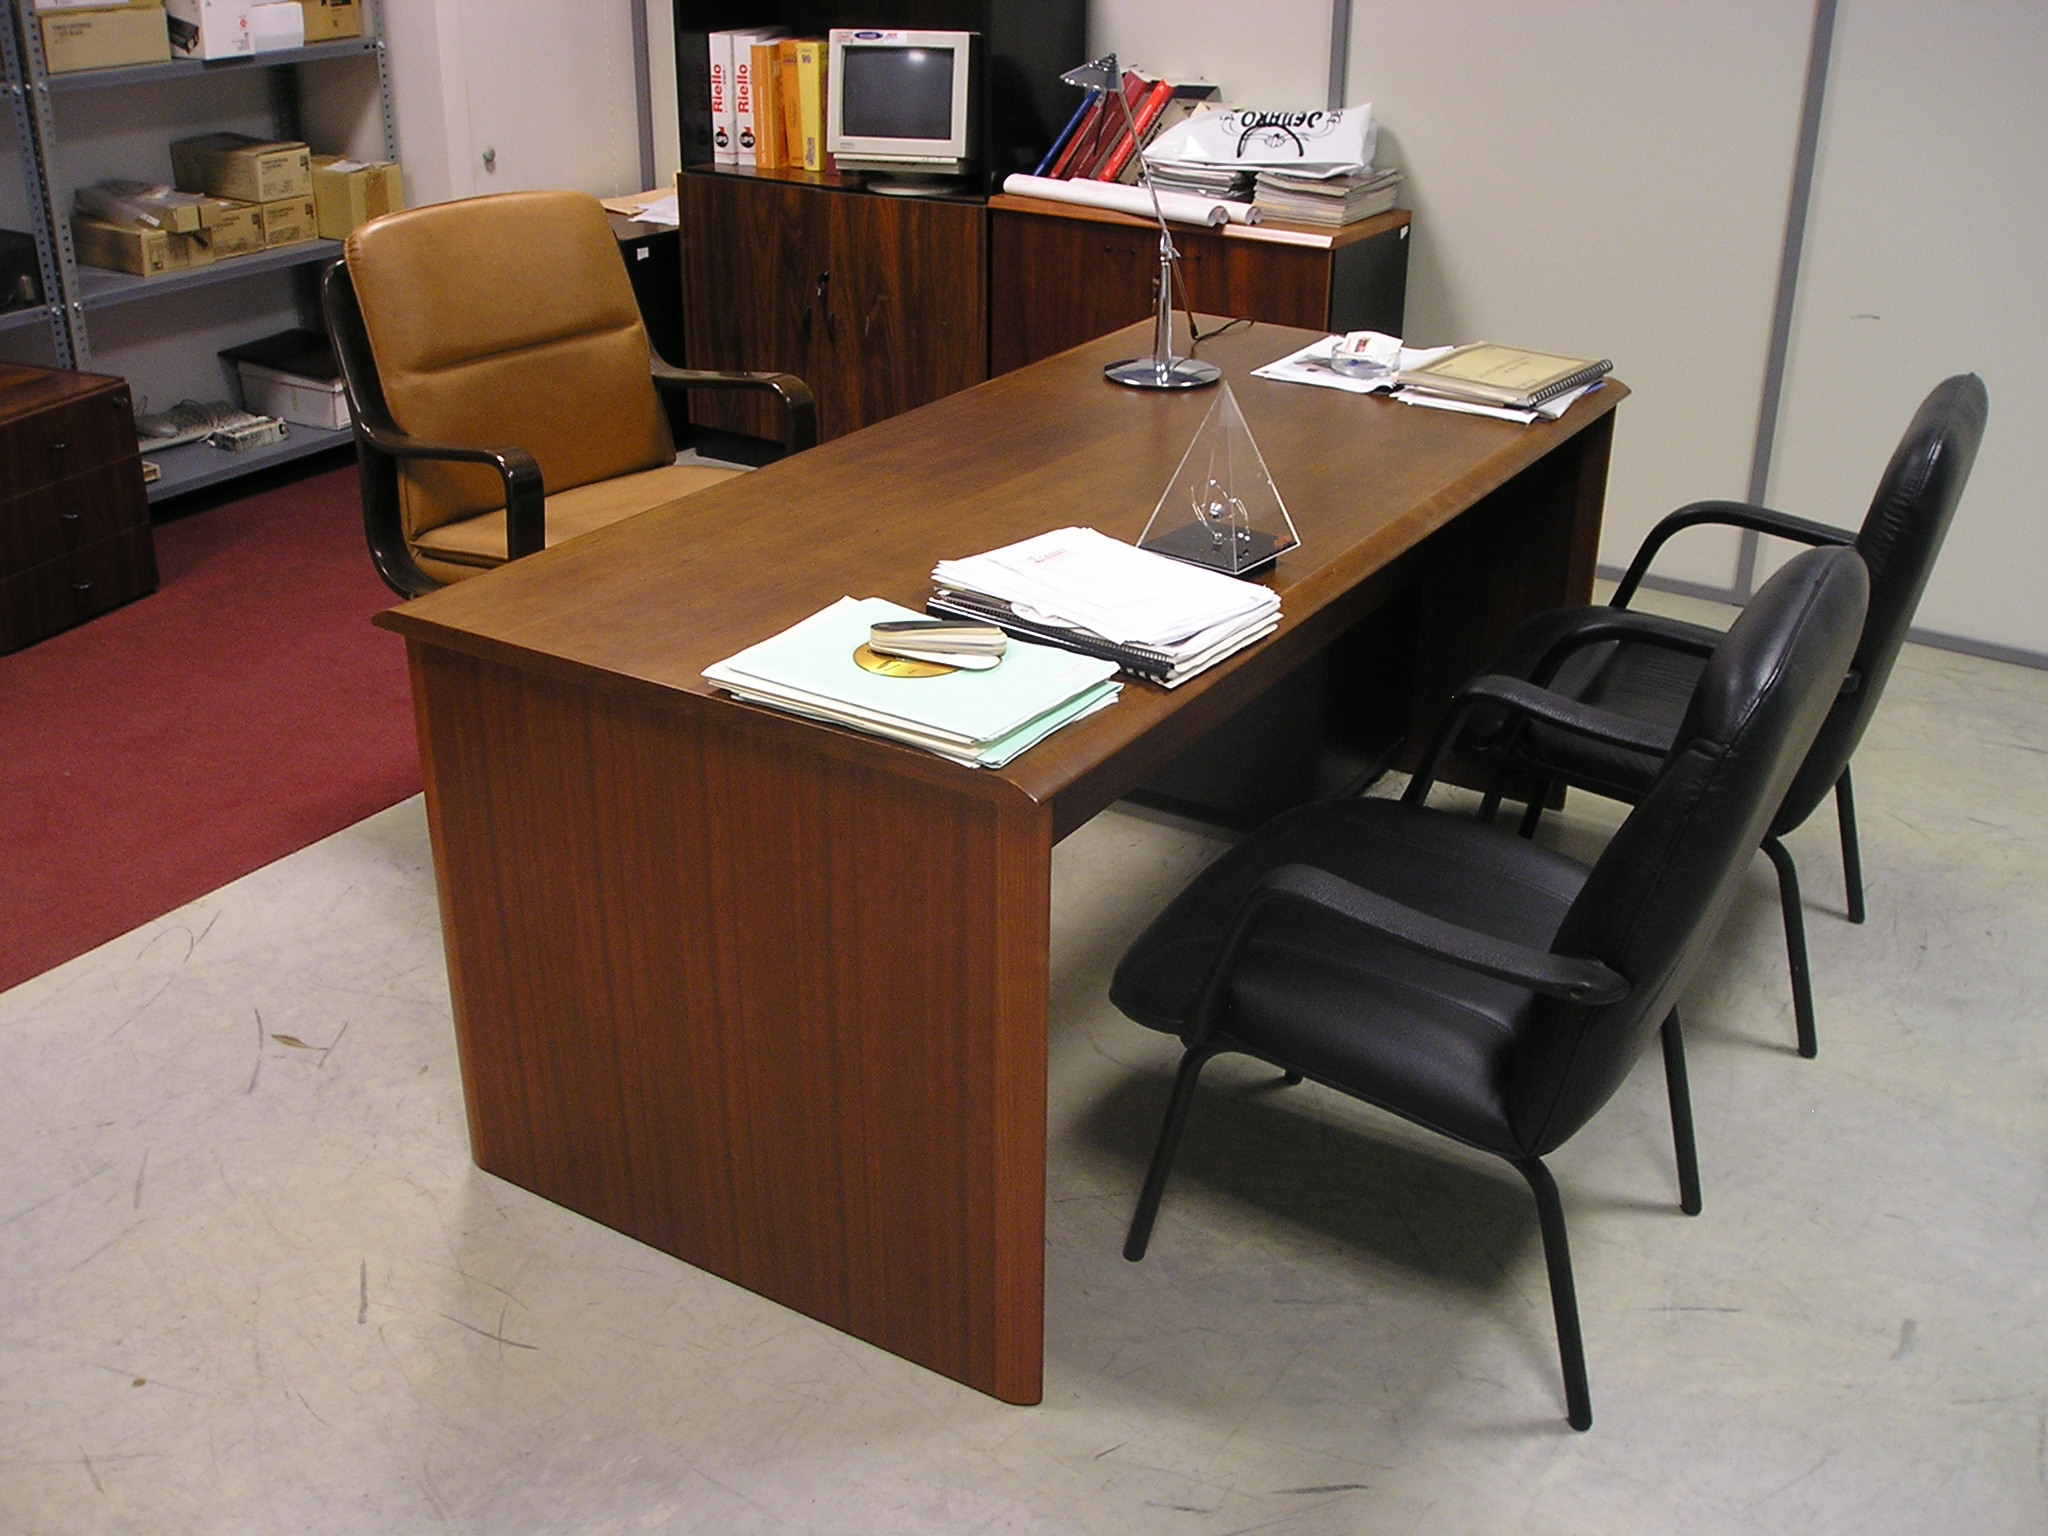 servicios muebles de oficina reparaci n outlet valoraci n y recogida